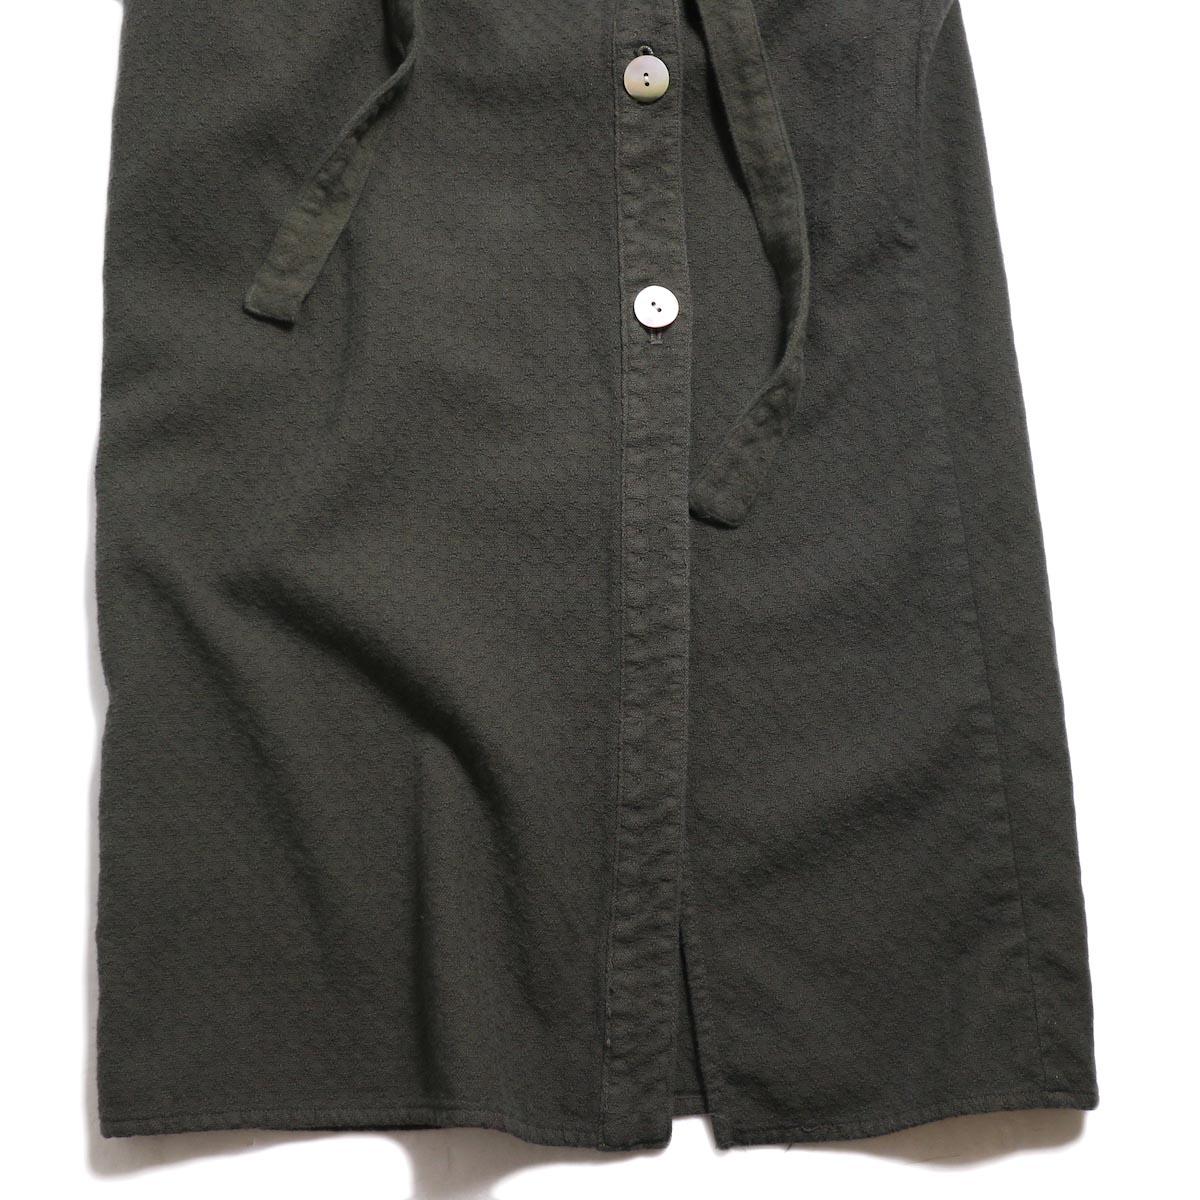 archi / Cuphea Long Shirt -Charcoal Gray 裾